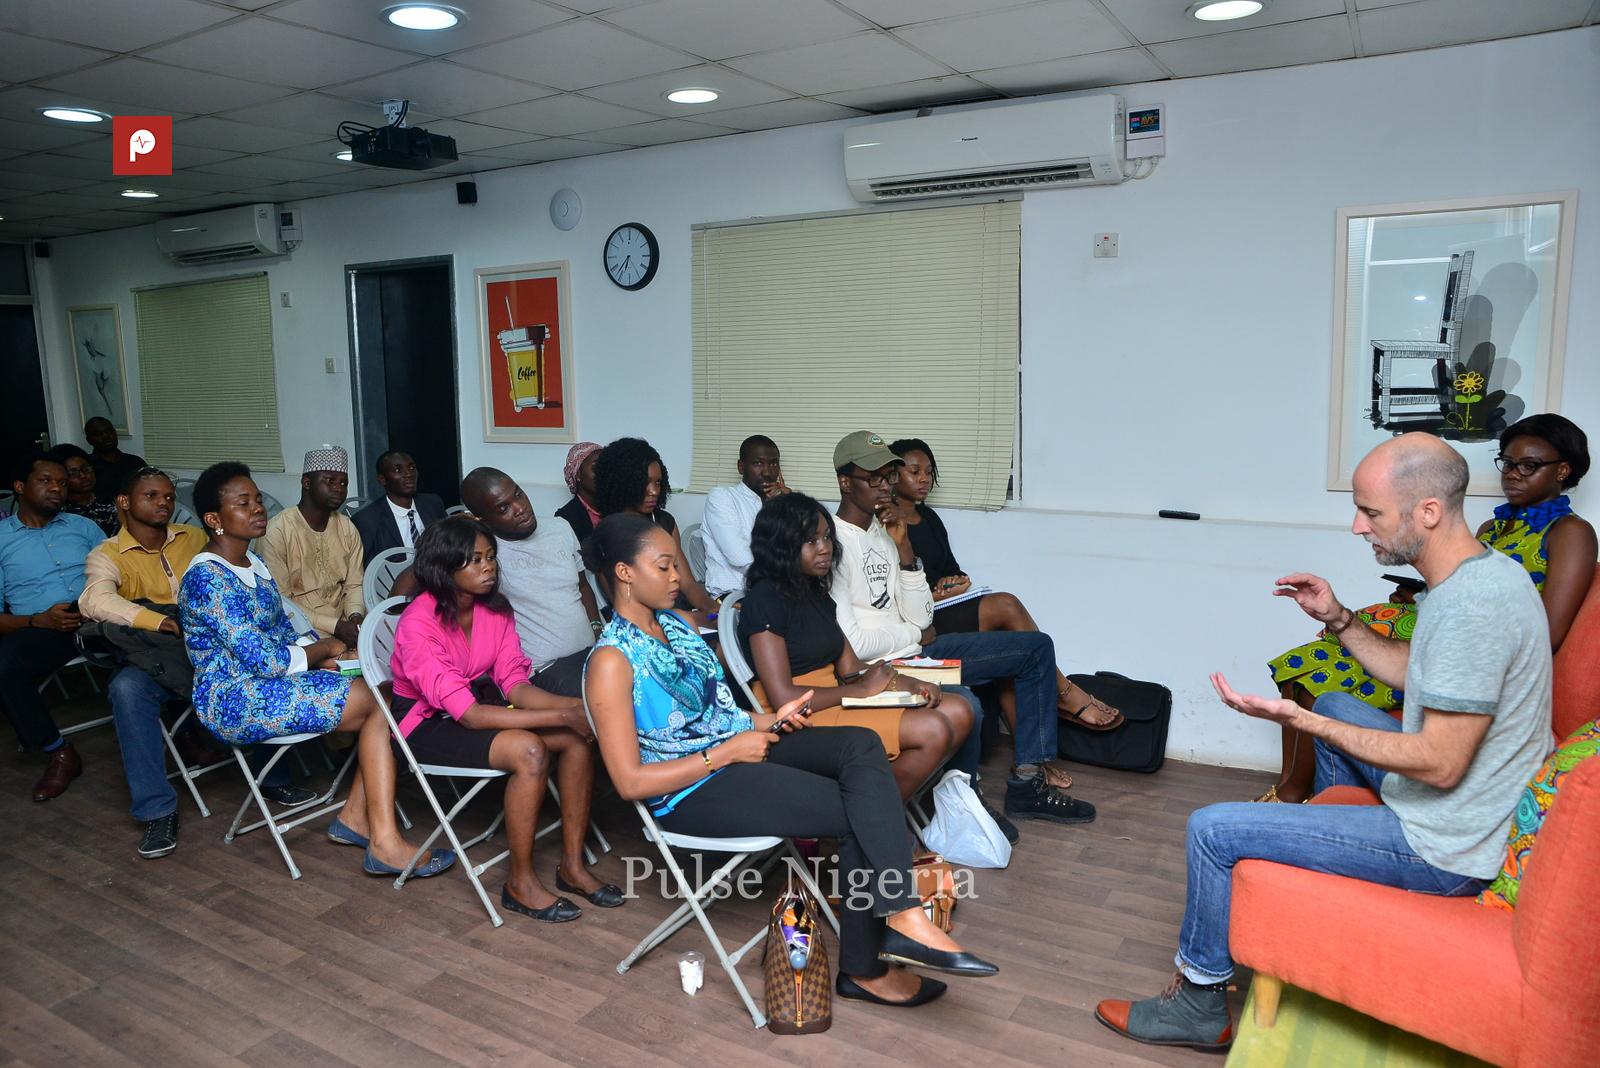 Lagos Startup Week - Scaling you business through creative thinking (3).jpg